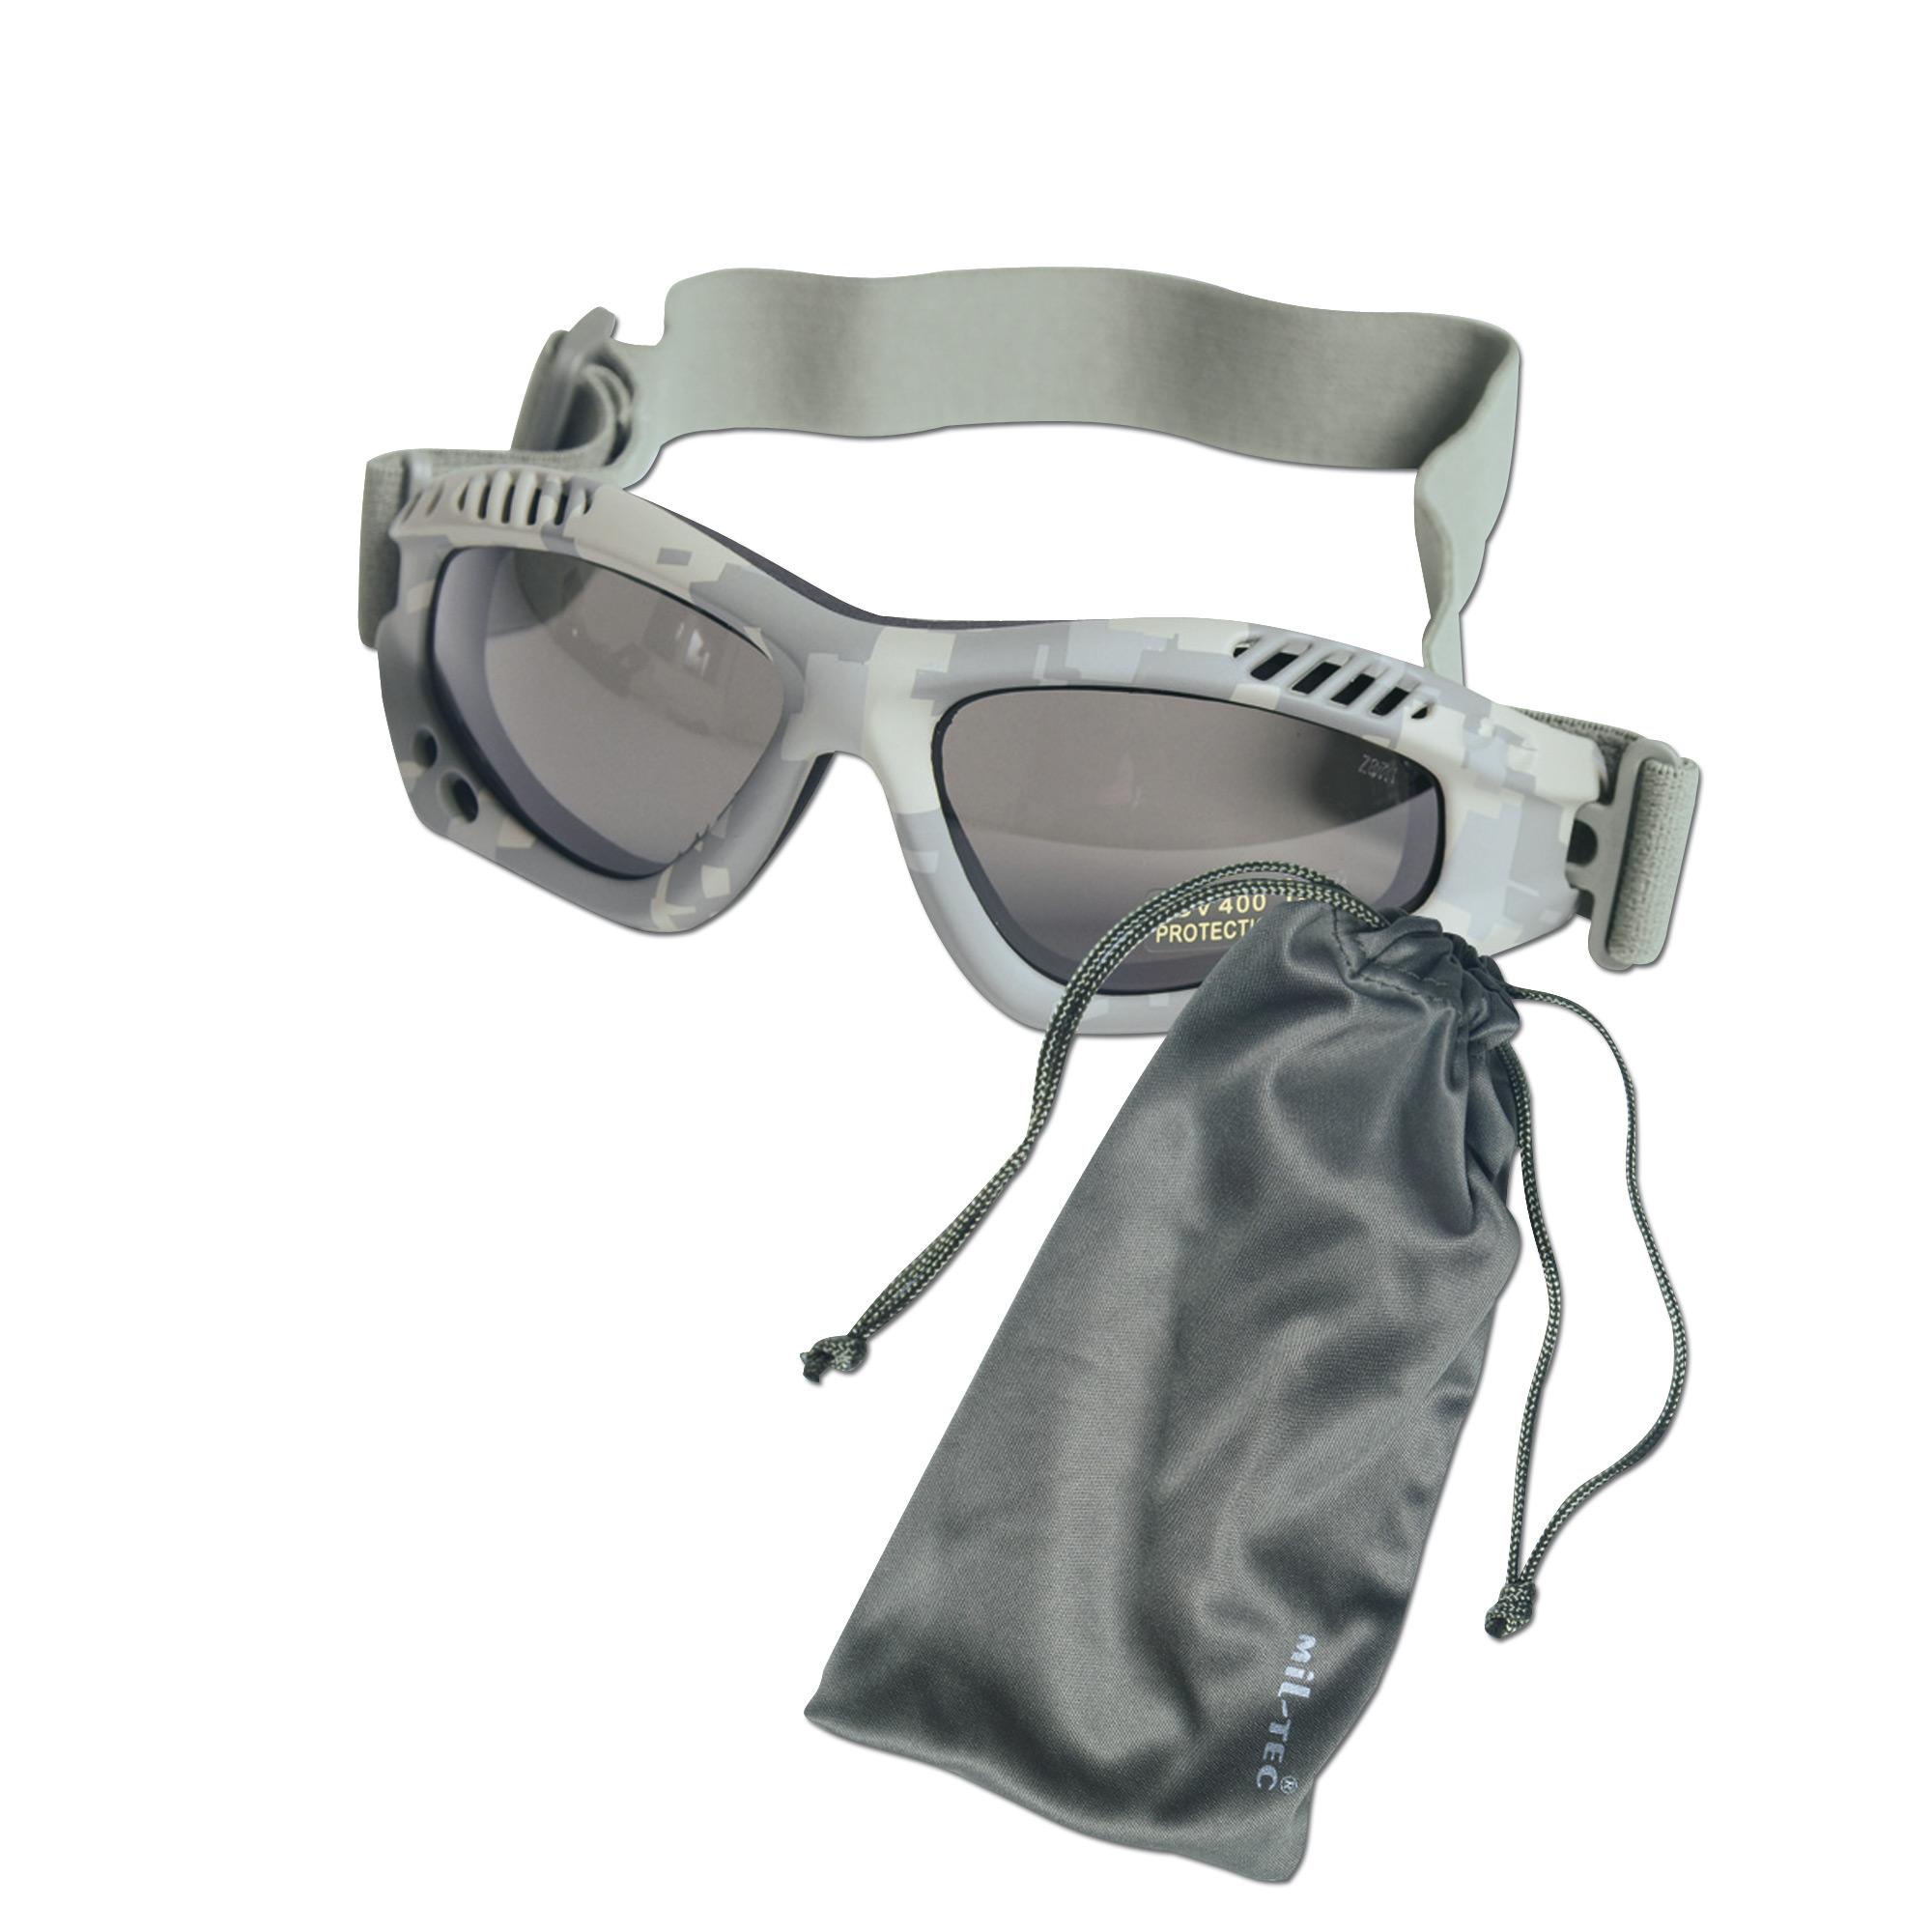 Occhiali Commando Air-Pro AT-digital fumo